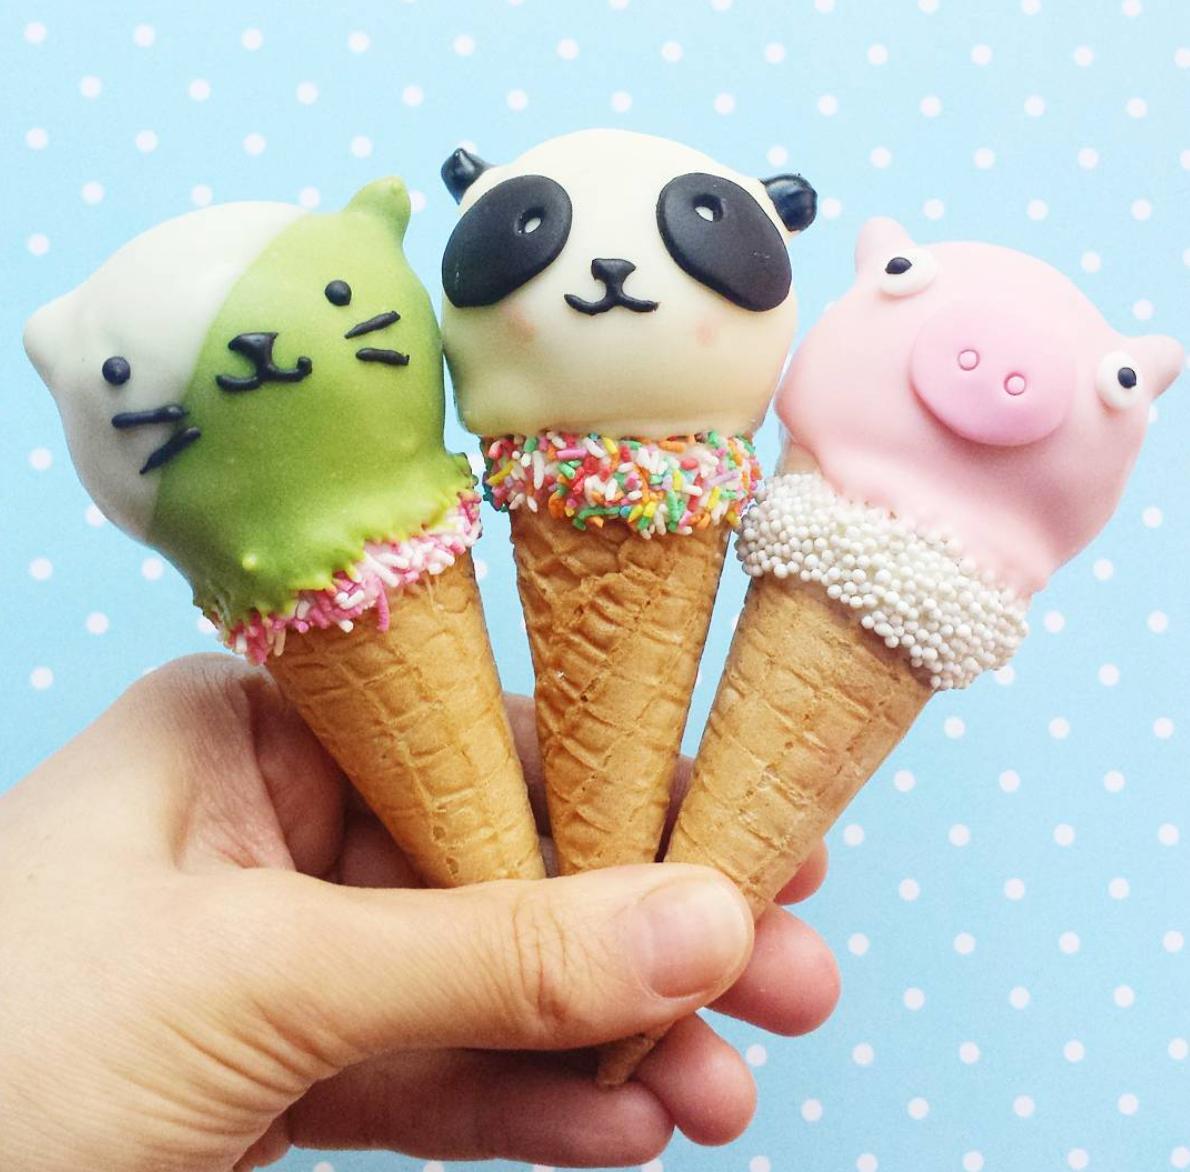 стоять возле прикольные картинки со сладостями можете выбрать